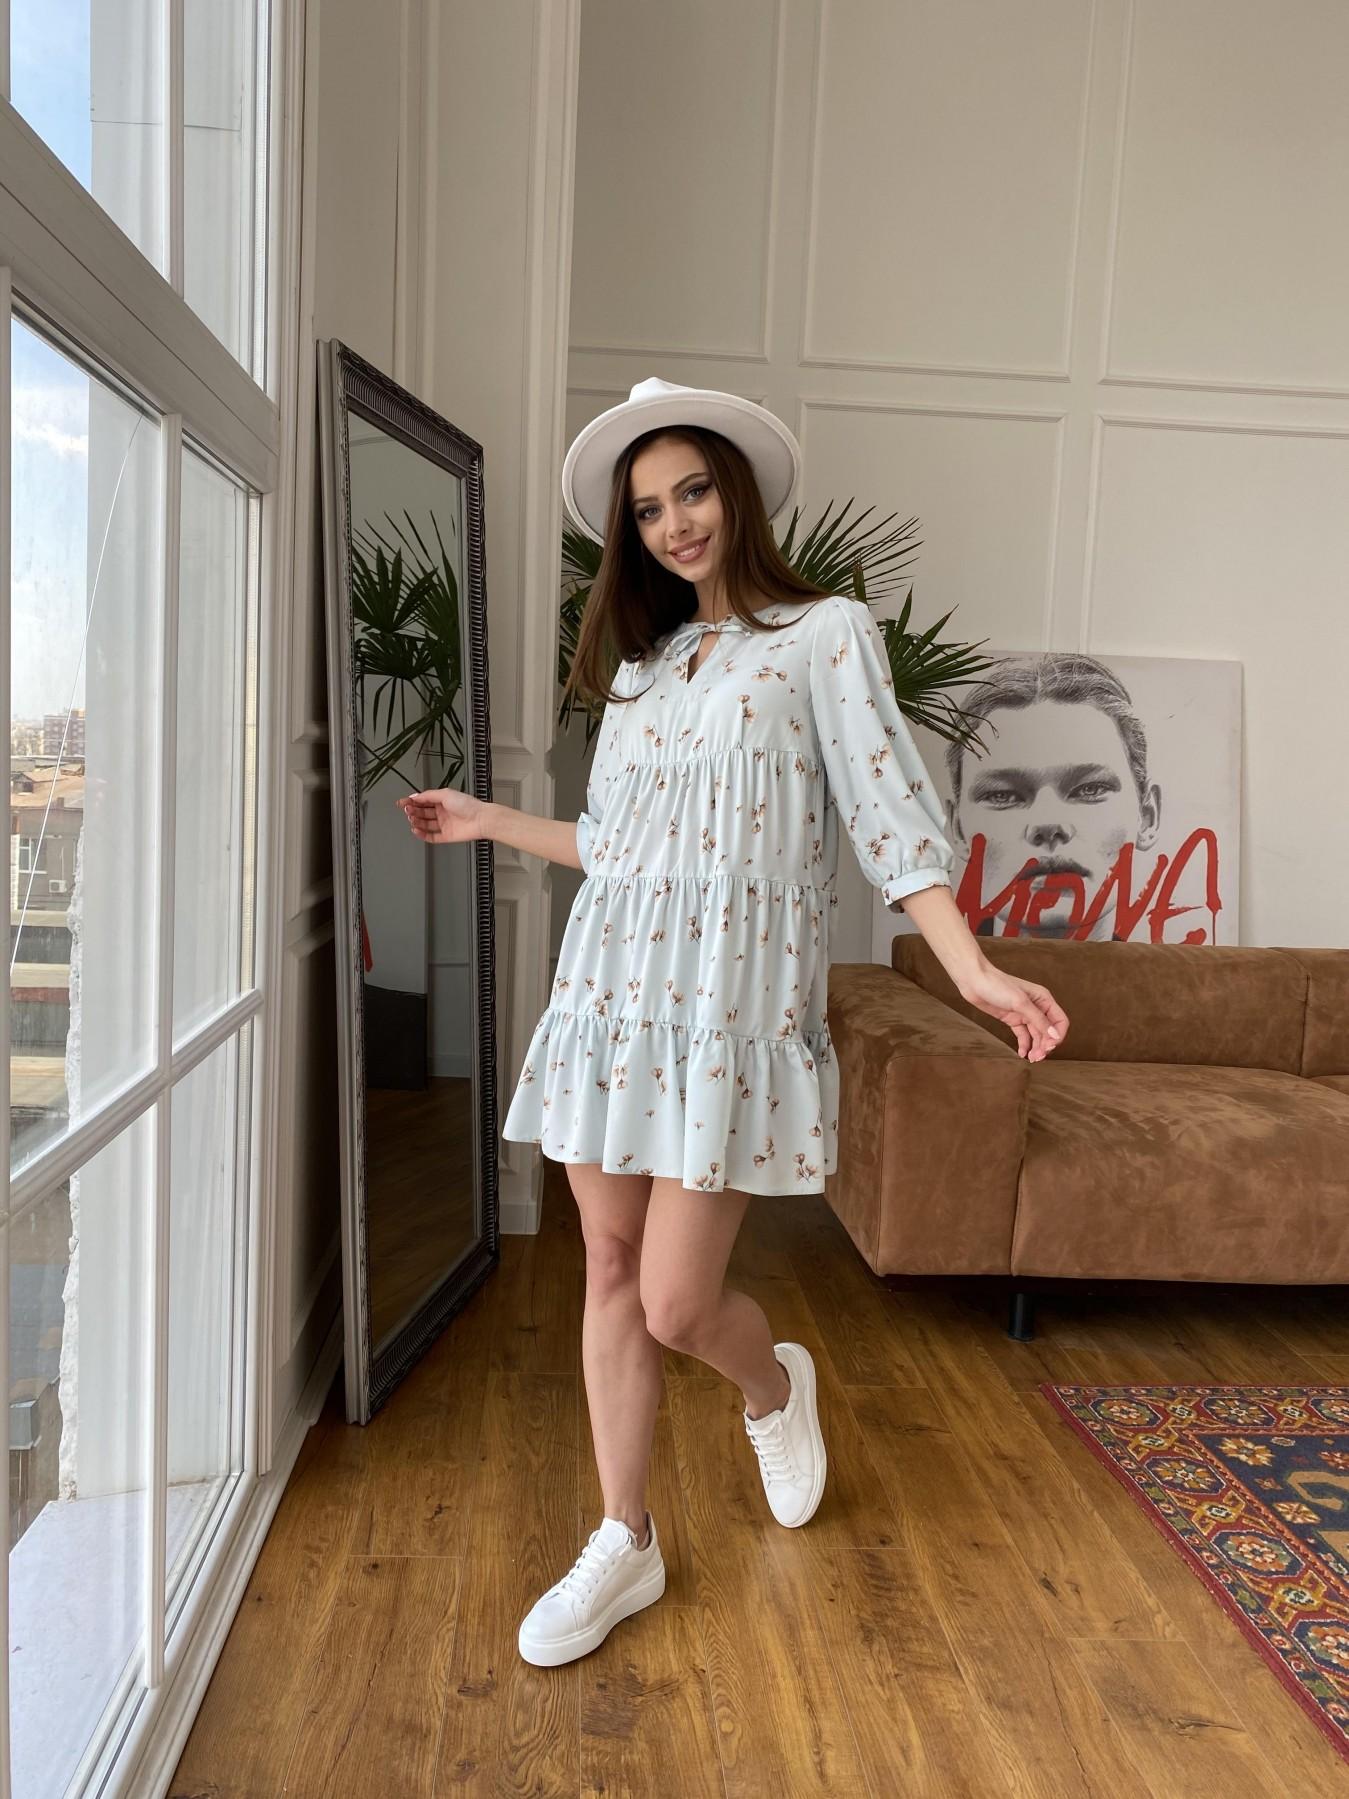 Нинель платье из софта с принтом 11114 АРТ. 47603 Цвет: МятаСв/БежЦветокМел - фото 7, интернет магазин tm-modus.ru